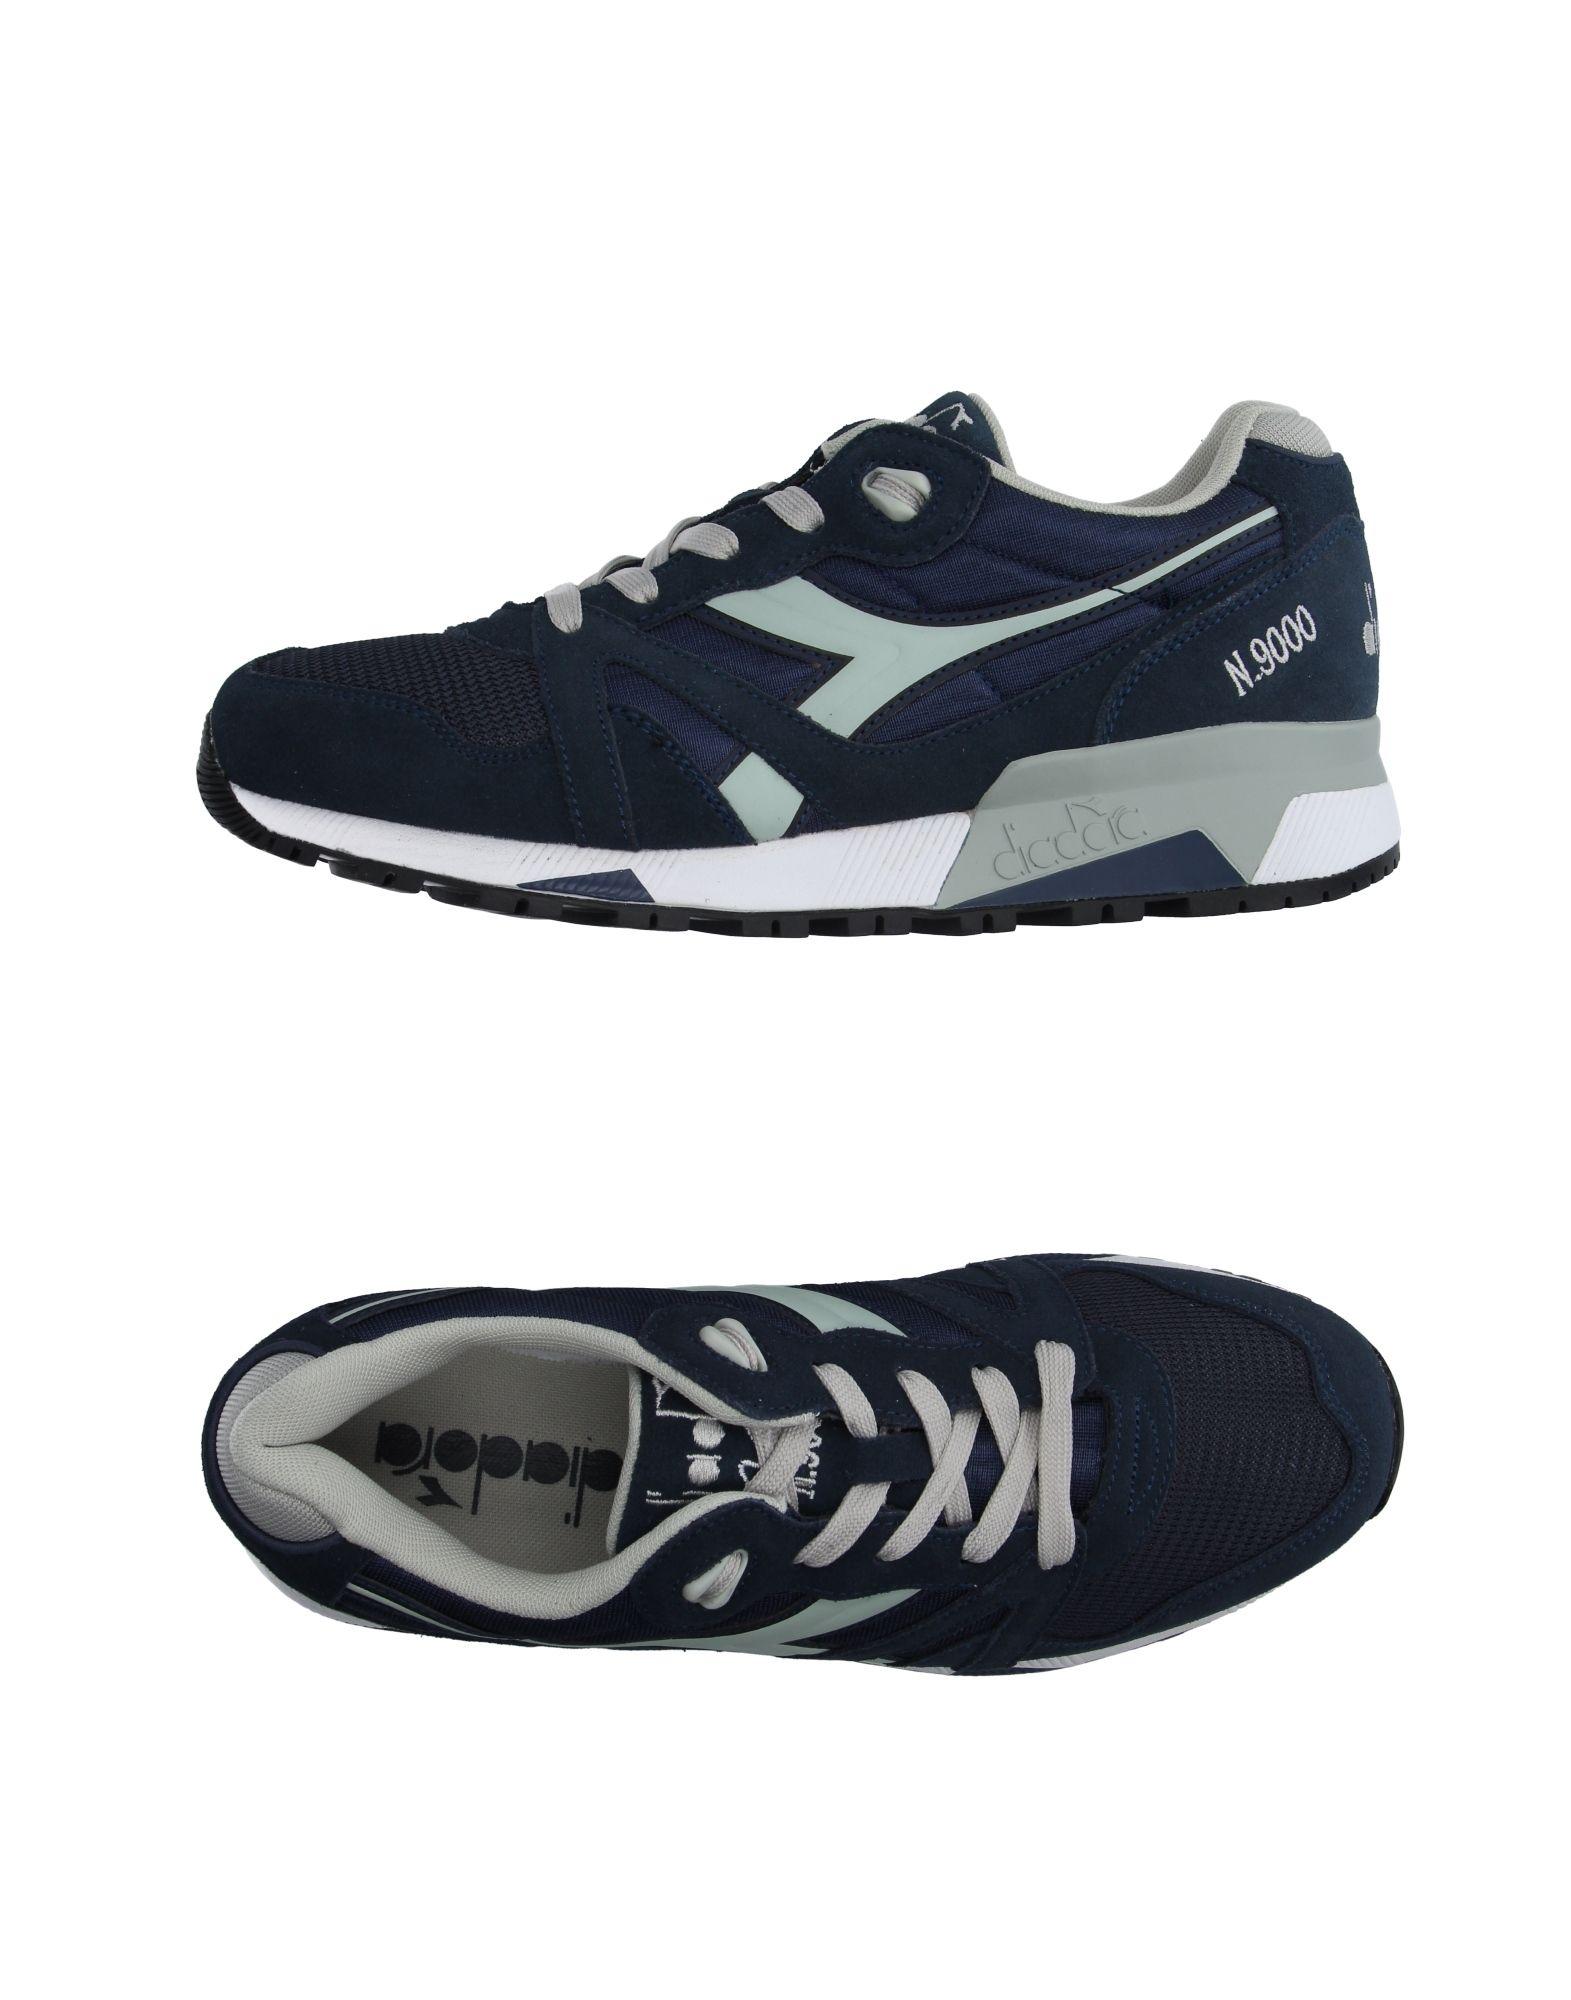 Rabatt echte Schuhe Herren Diadora Sneakers Herren Schuhe  11101432XJ 221813